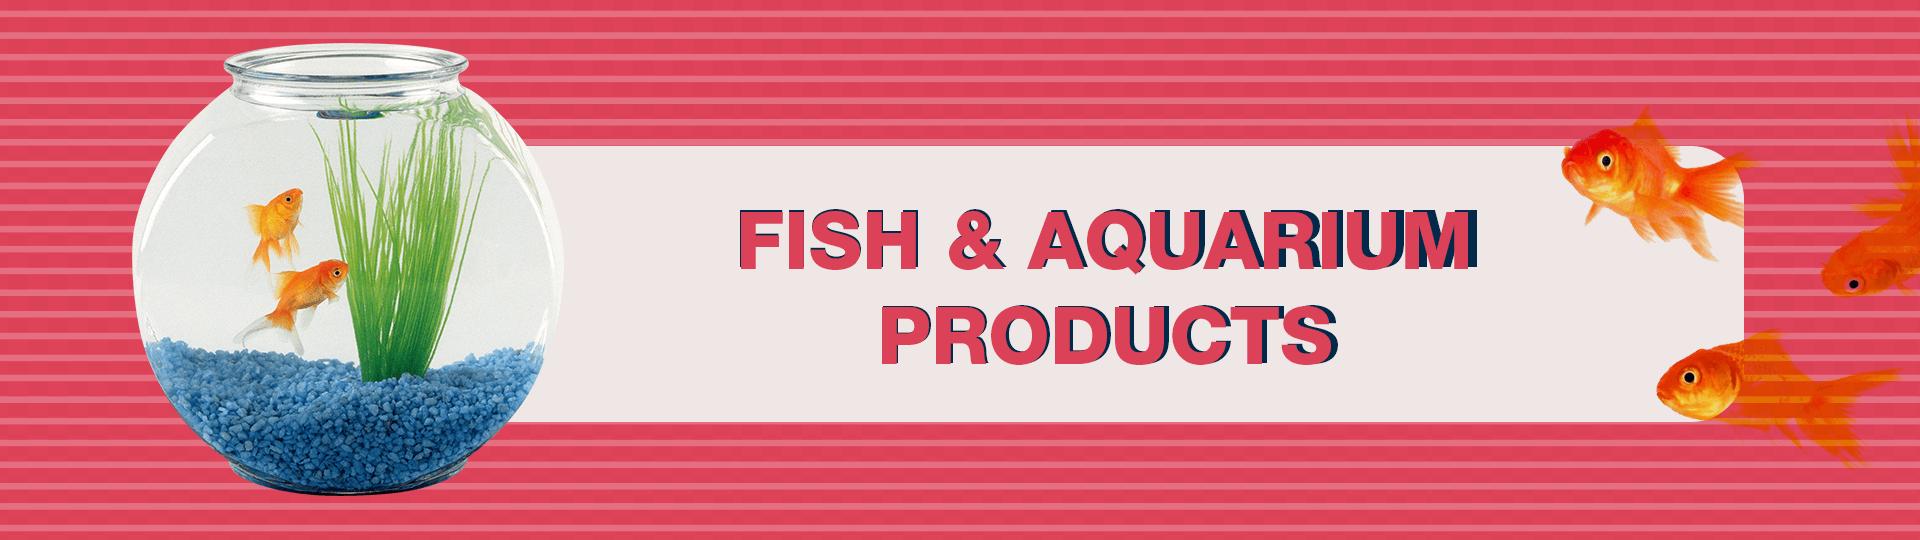 Reteleo Fish & Aquarium Store